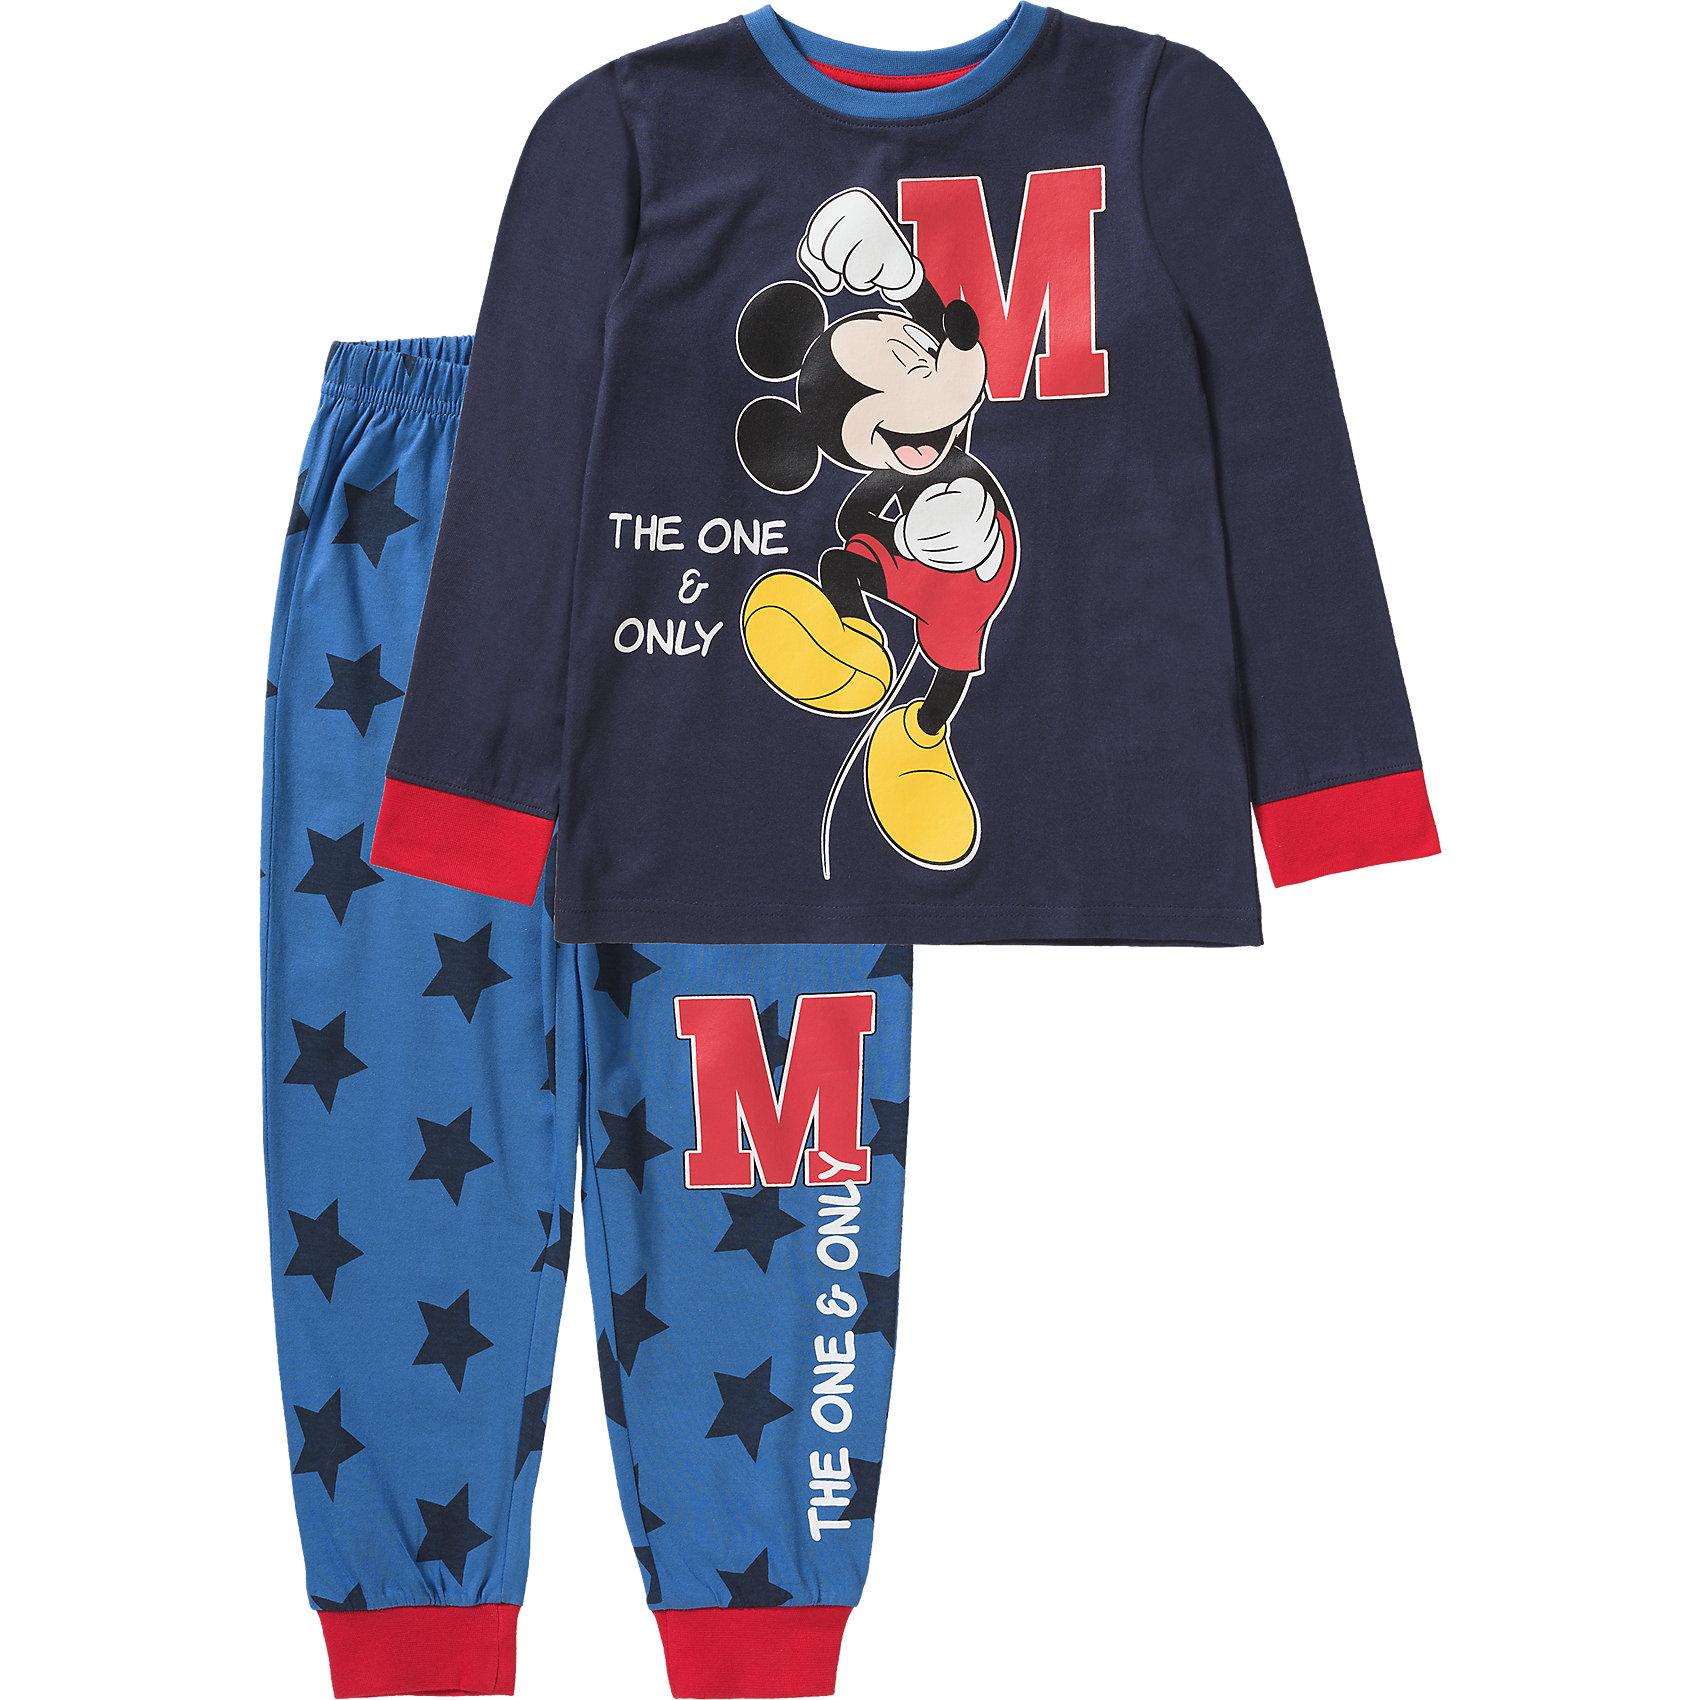 da28805600 Neu Disney Mickey Mouse & friends Schlafanzug für Jungen 6063928 für ...